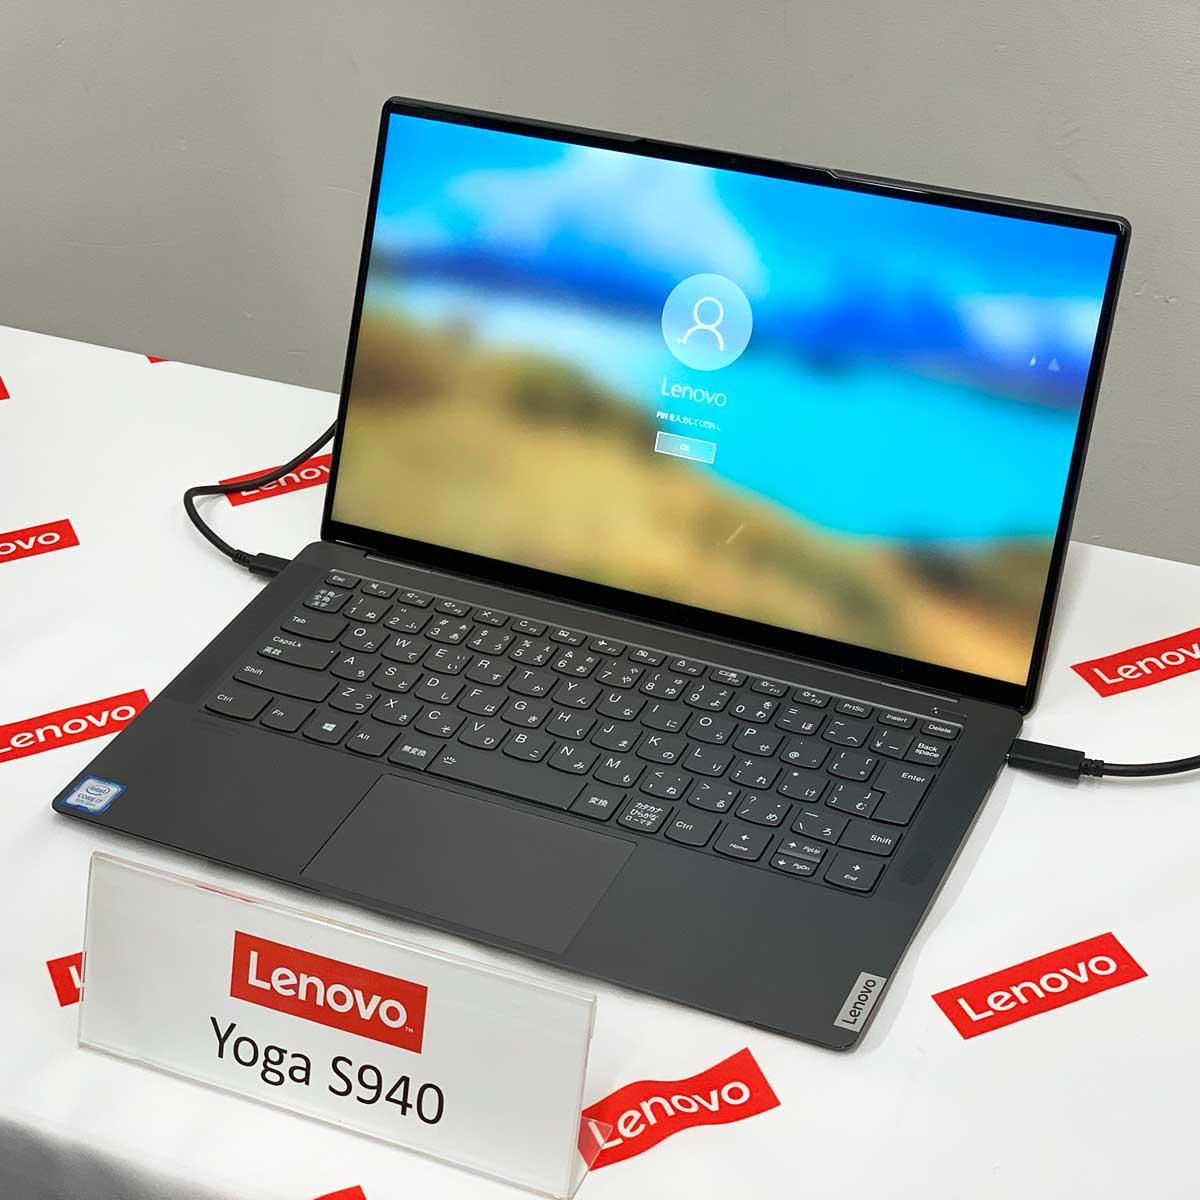 レノボ、顔を向けるだけでカーソルを移動できる「Yoga S940」など新型PC4機種発表